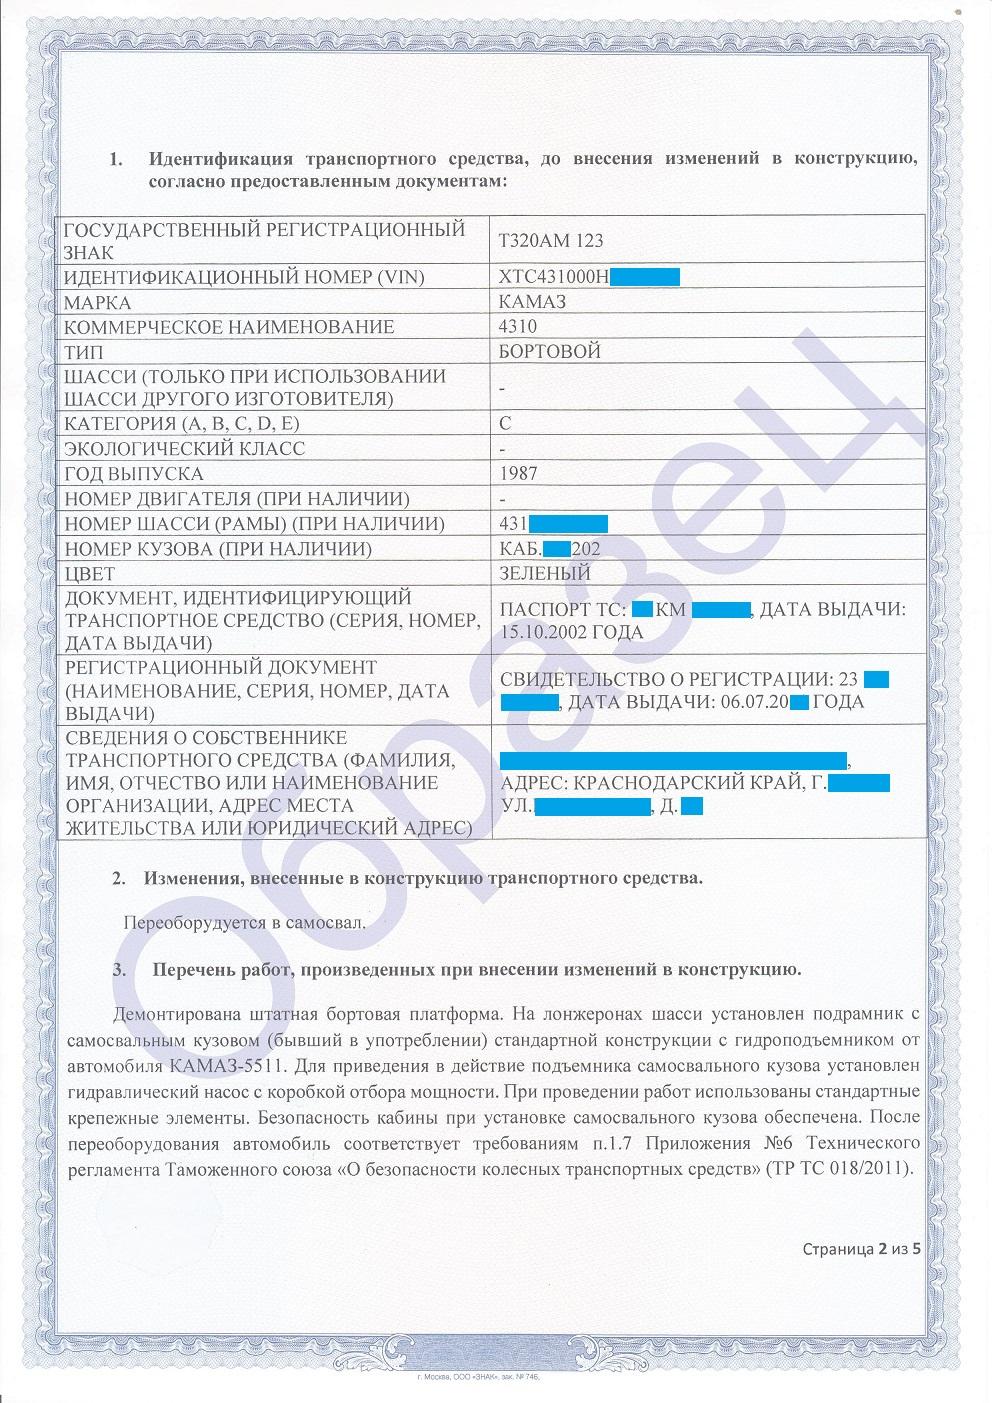 заявление о постановке на учет в гибдд юр. лицо бланк